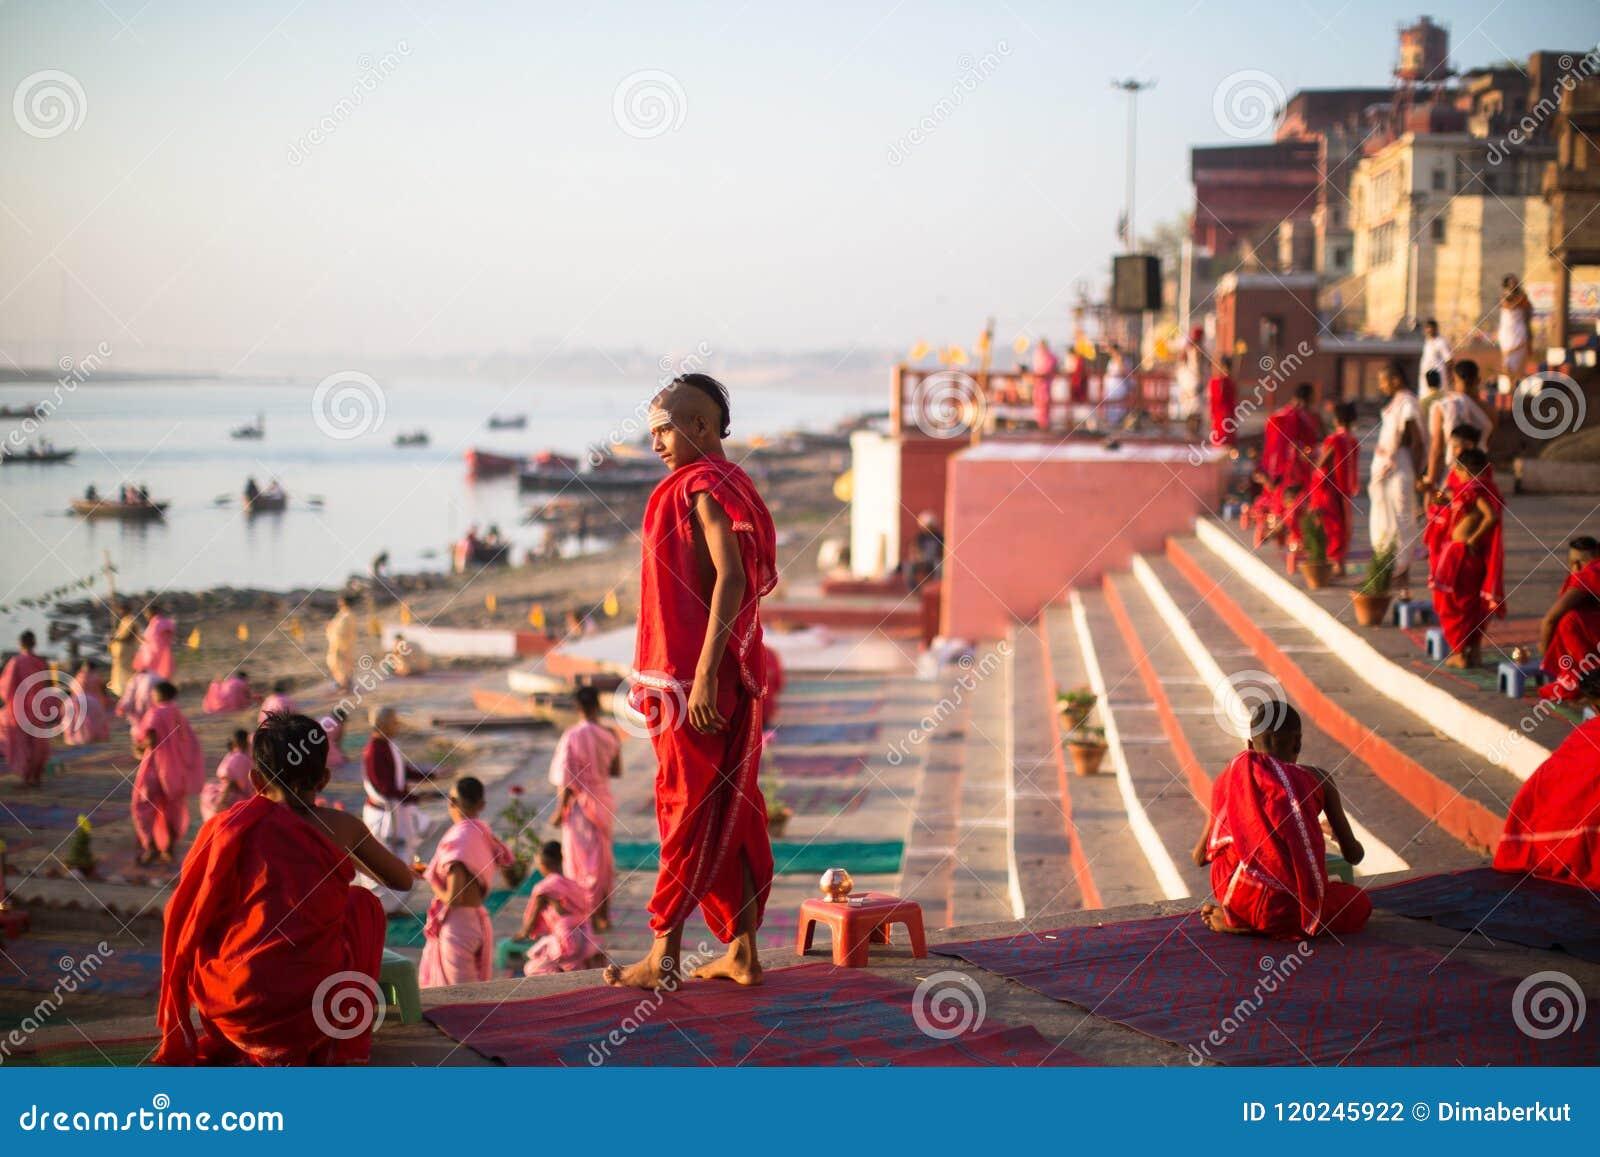 Les jeunes moines indous conduisent une cérémonie pour rencontrer l aube sur les banques du Gange, et soulèvent le drapeau indien